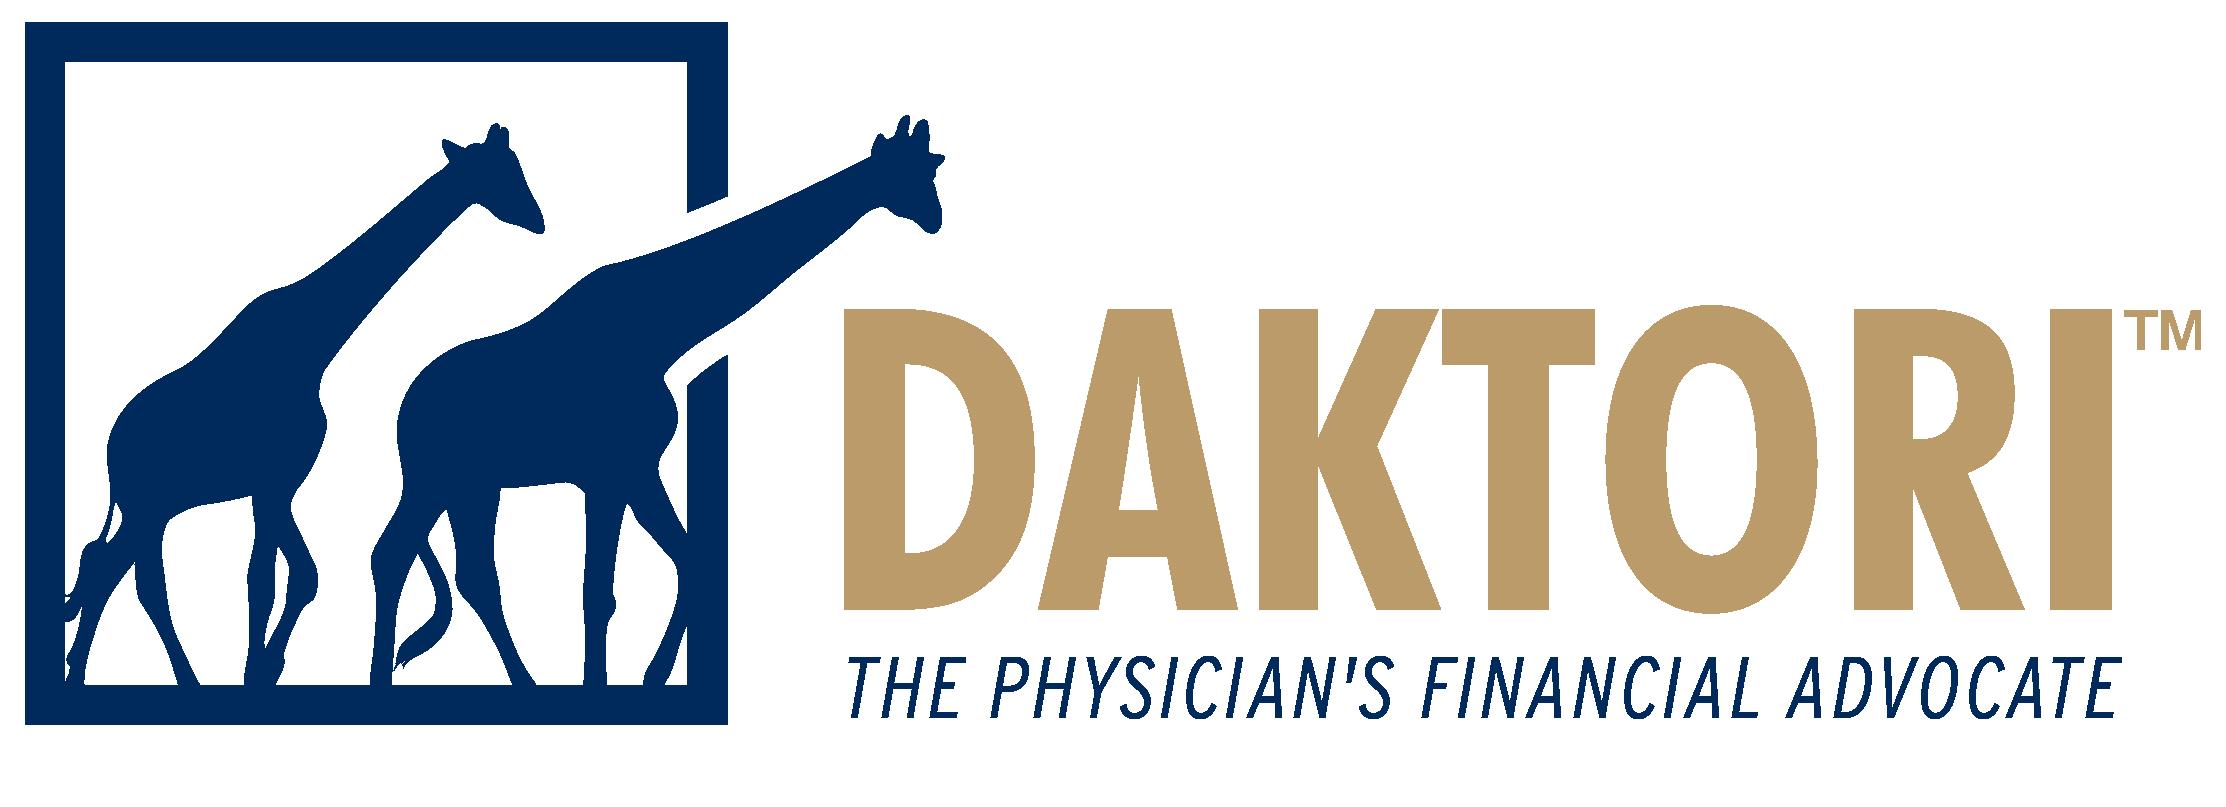 Daktori_Final_ID_Mar25